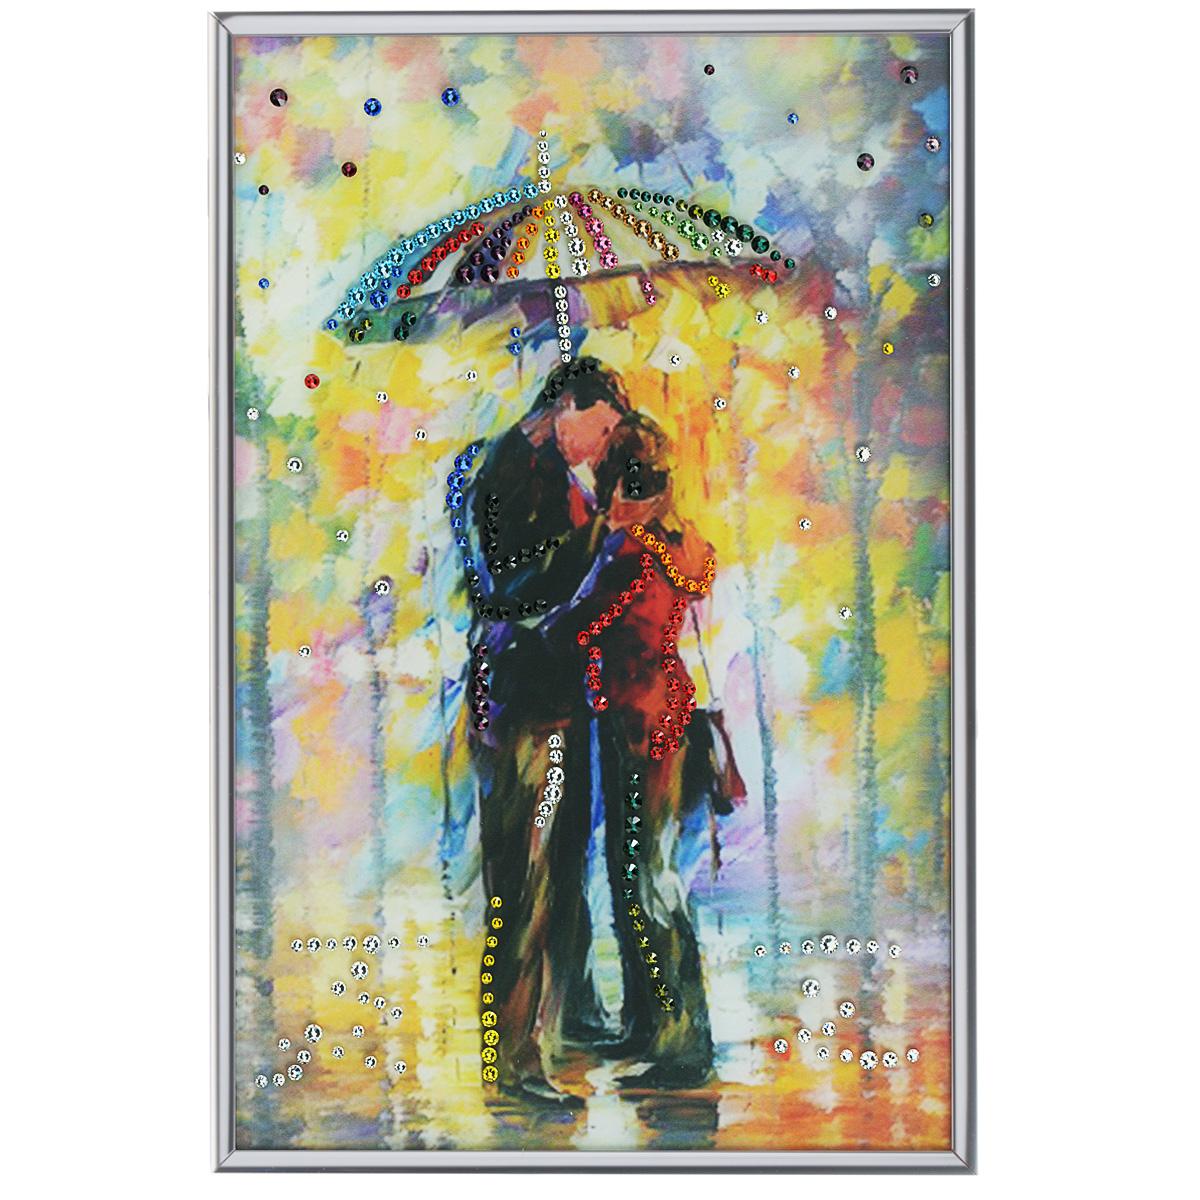 Картина с кристаллами Swarovski Под зонтом, 20 см х 30 смIDEA FL2-06Изящная картина в алюминиевой раме Под зонтом инкрустирована кристаллами Swarovski, которые отличаются четкой и ровной огранкой, ярким блеском и чистотой цвета. Идеально подобранная палитра кристаллов прекрасно дополняет картину. С задней стороны изделие оснащено специальной металлической петелькой для размещения на стене. Картина с кристаллами Swarovski элегантно украсит интерьер дома, а также станет прекрасным подарком, который обязательно понравится получателю. Блеск кристаллов в интерьере - что может быть сказочнее и удивительнее. Изделие упаковано в подарочную картонную коробку синего цвета и комплектуется сертификатом соответствия Swarovski.